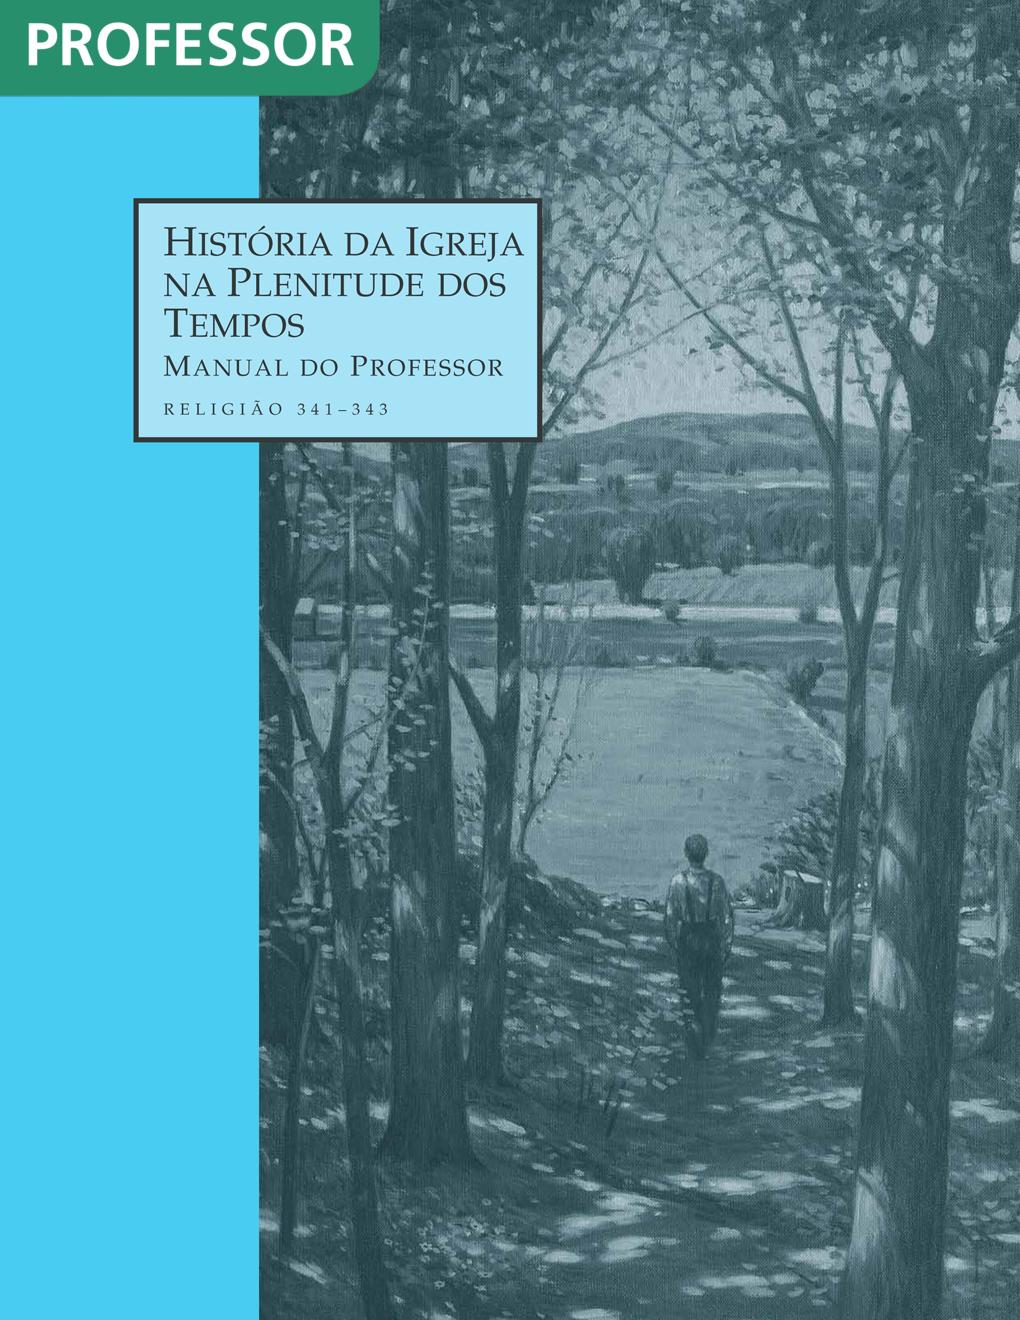 História da Igreja na Plenitude dos Tempos — Manual do Professor (Rel 341–343)